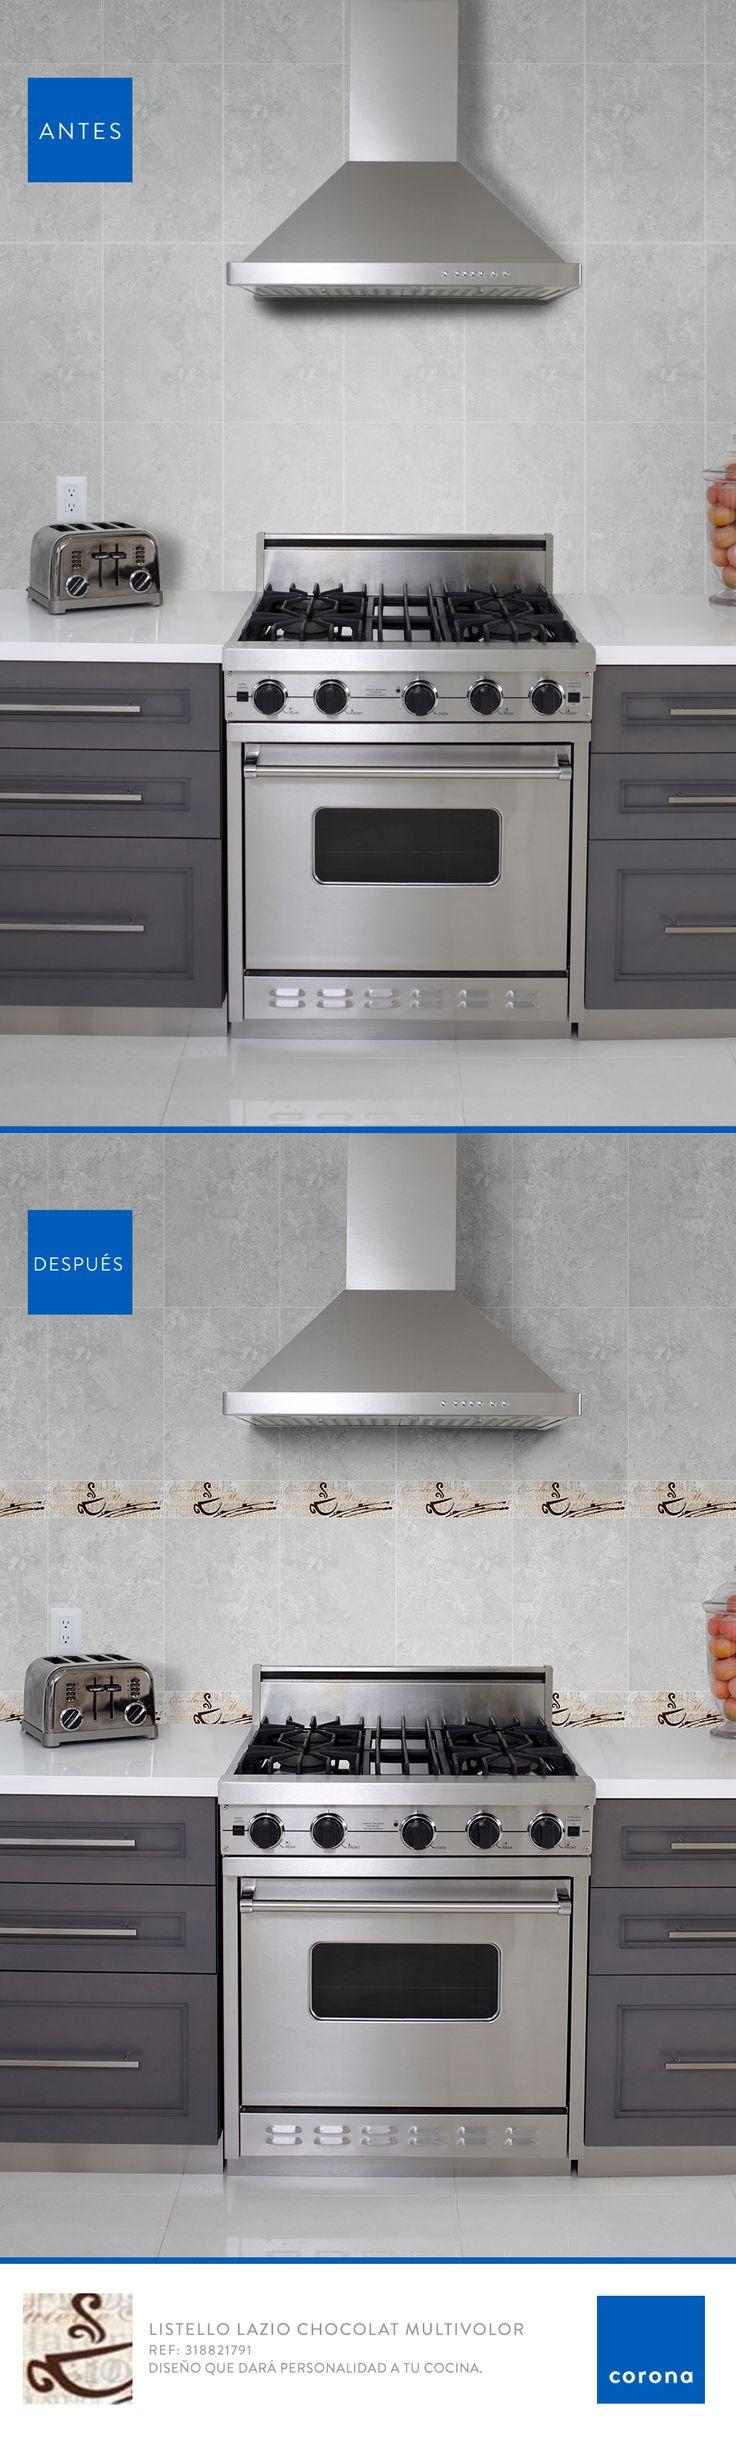 Con este decorado tendrás un cocina llena de estilo y personalidad.